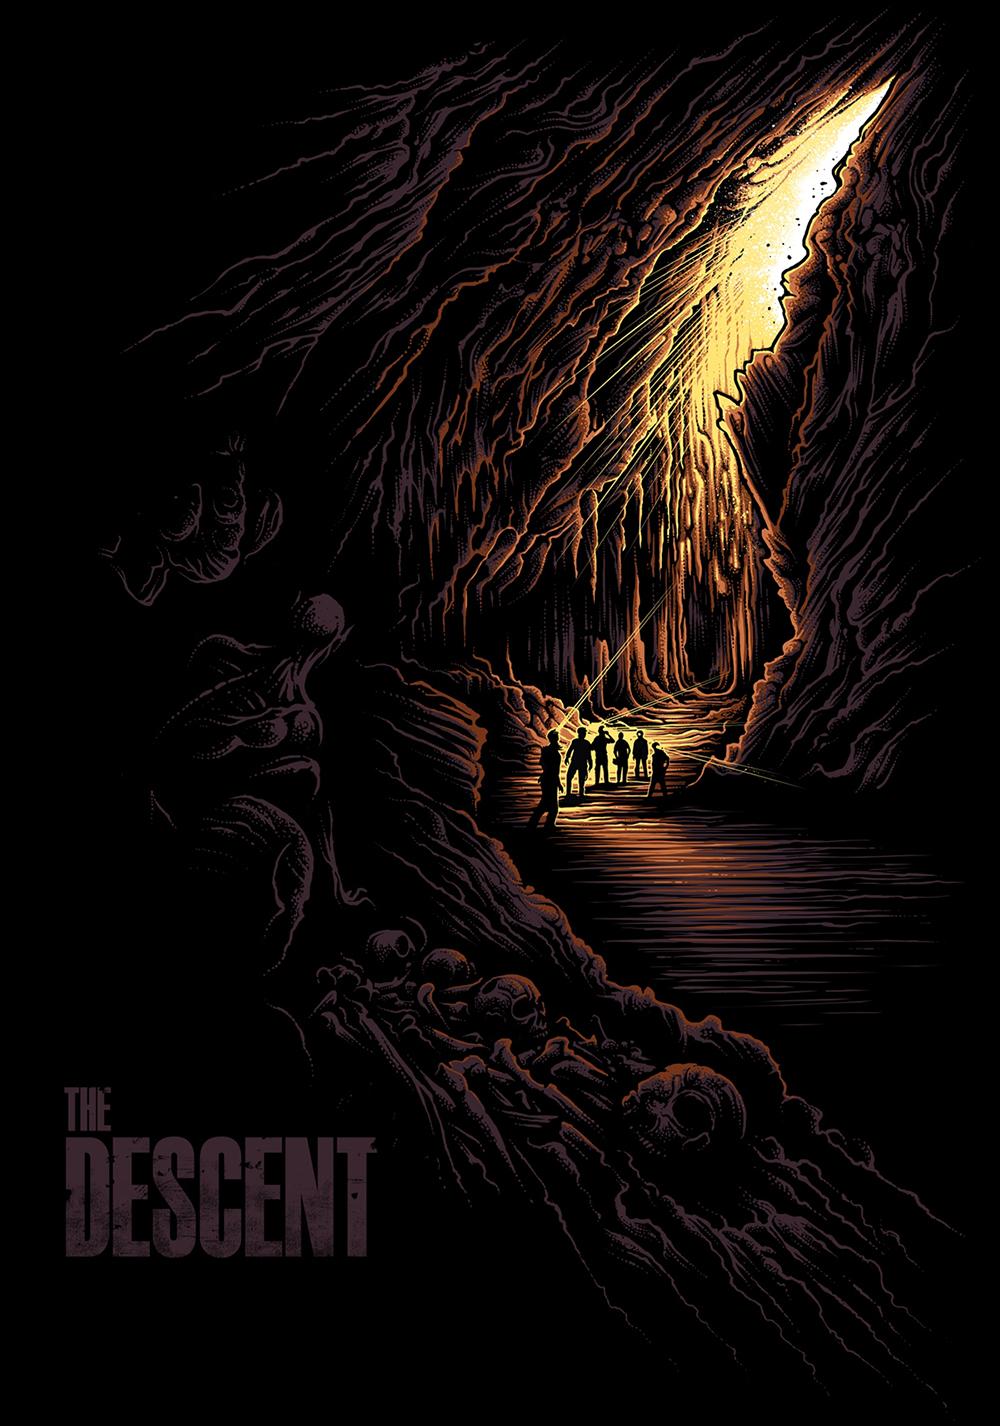 Descent Film